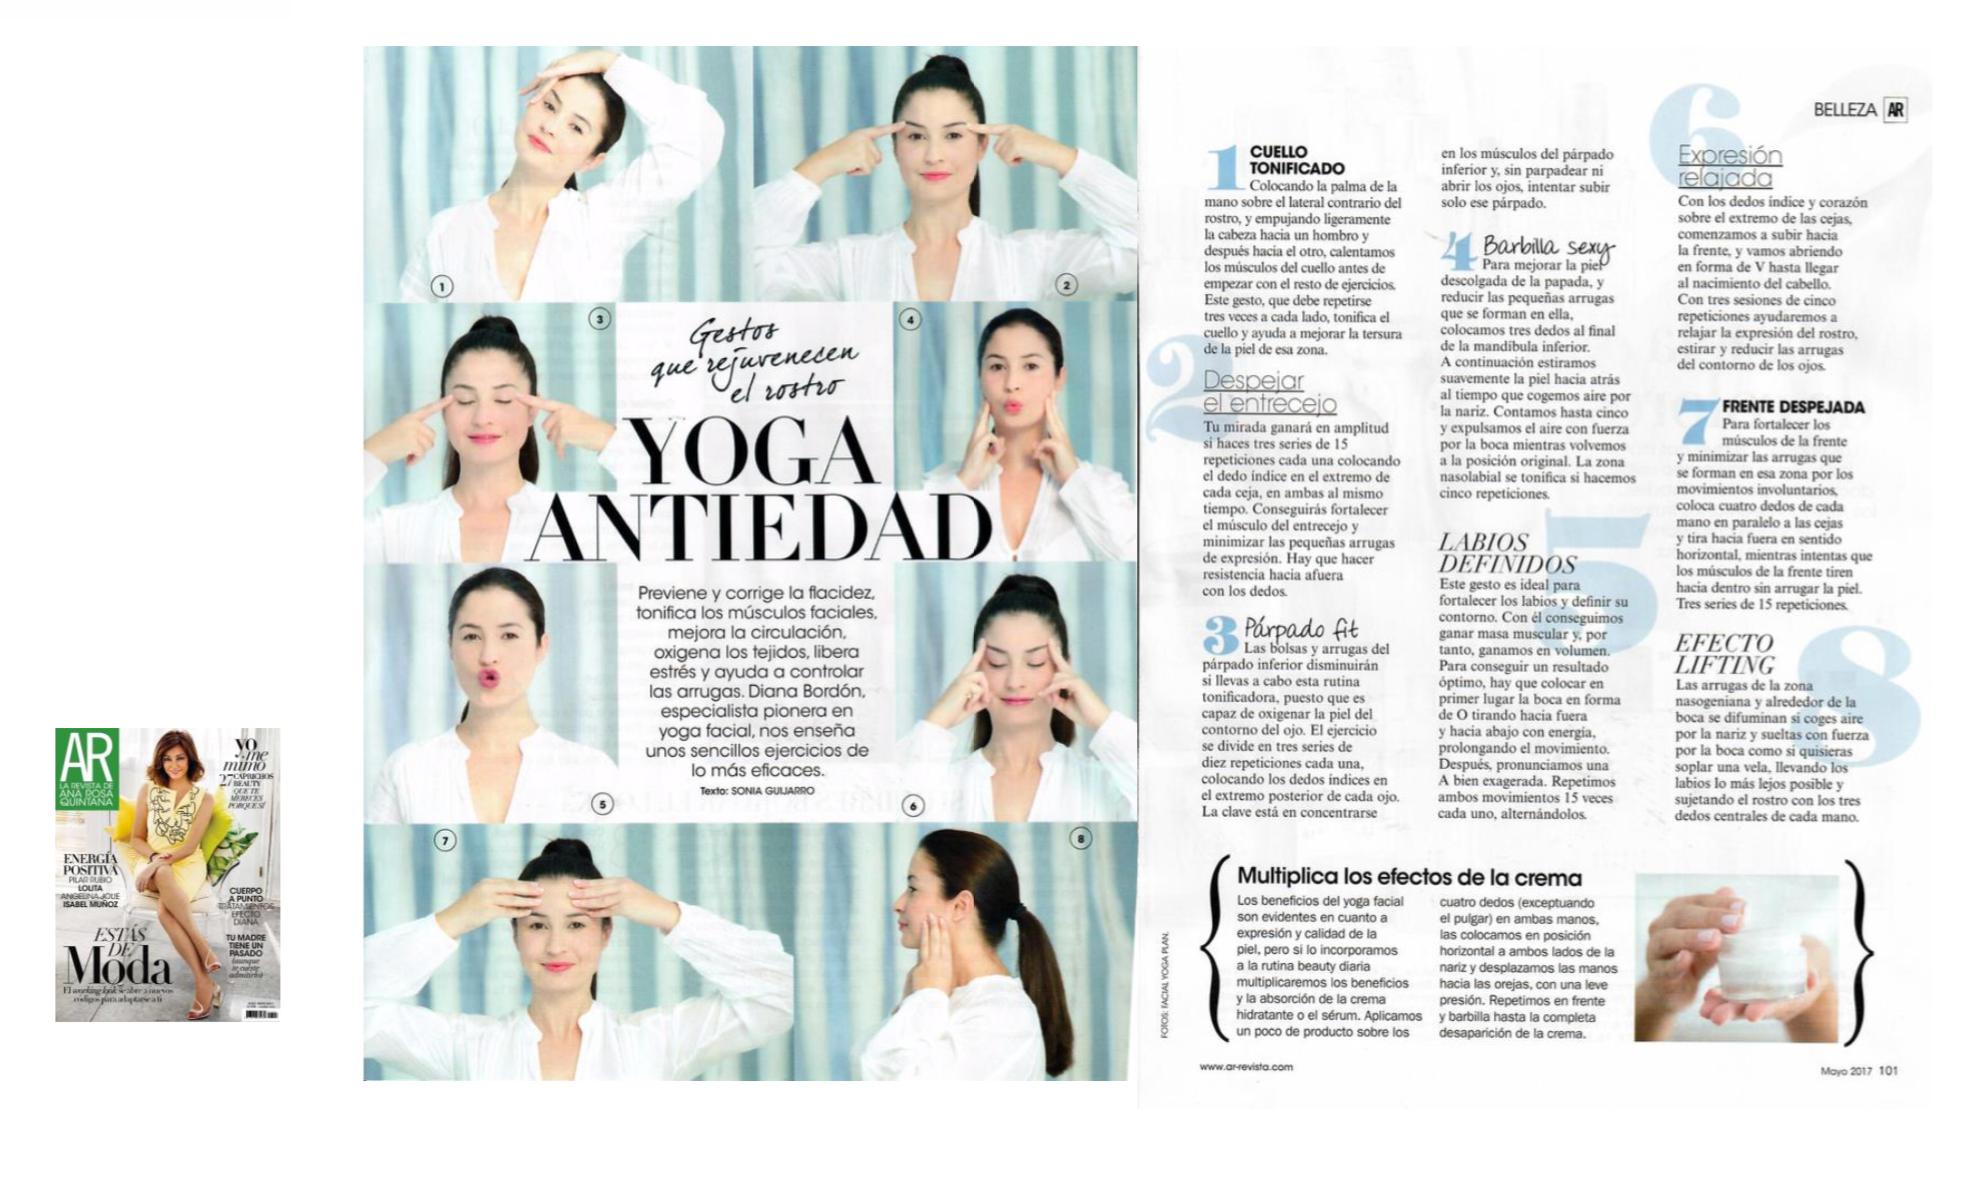 yoga-facial-ar-ana-rosa-quintana.jpg